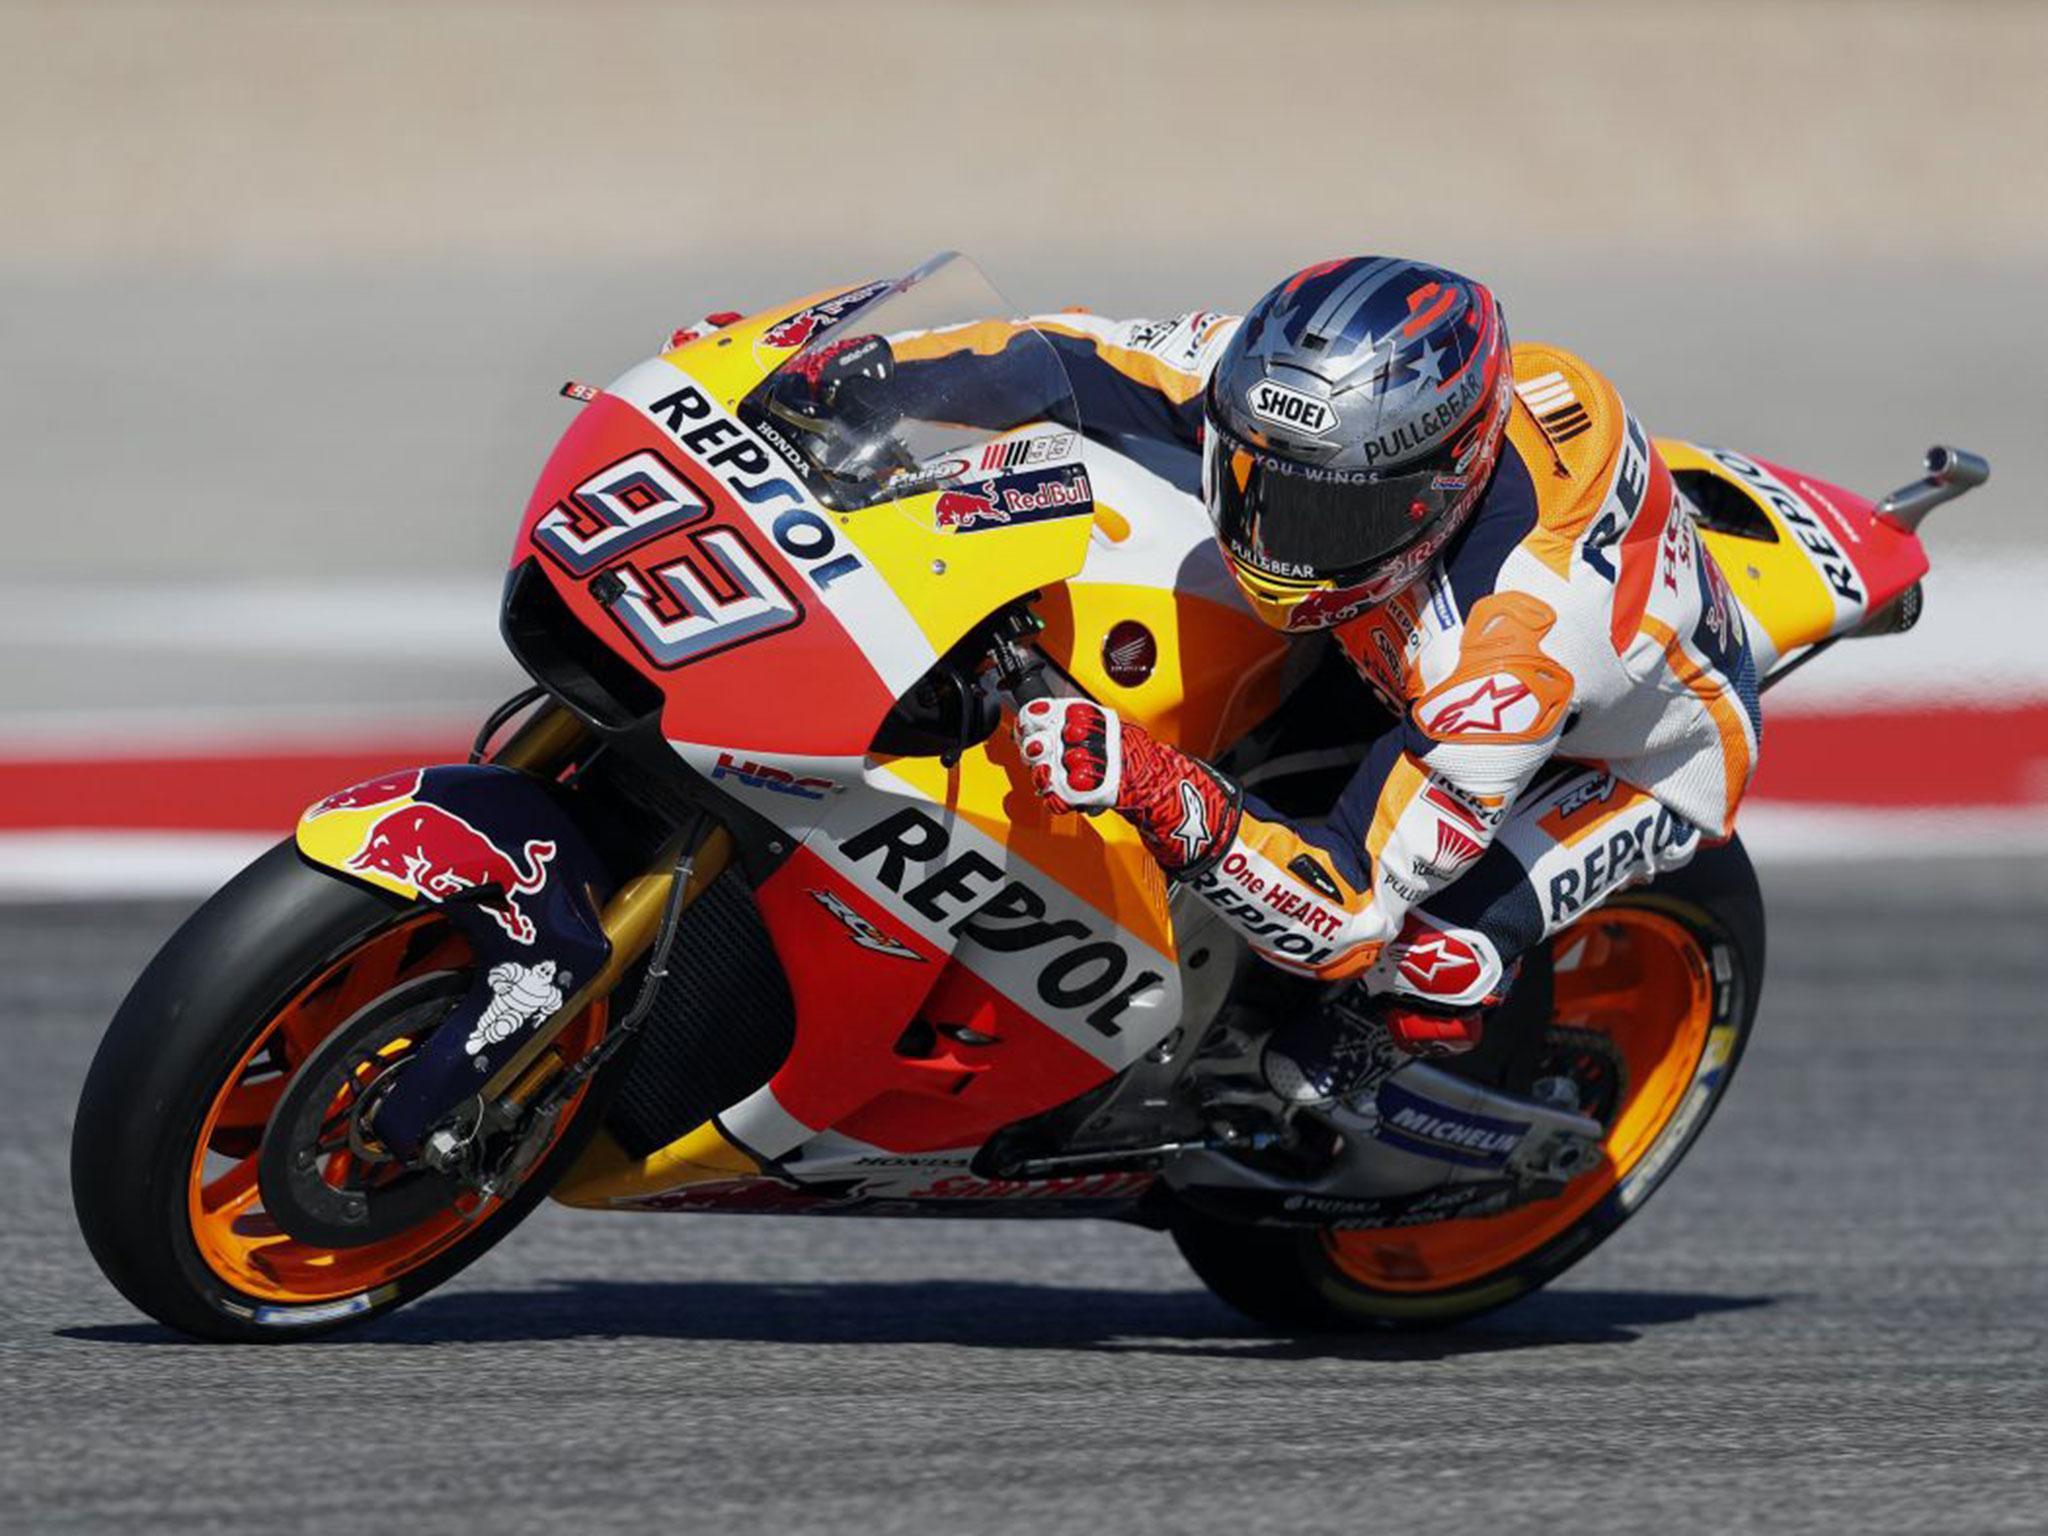 MotoGP Grand Prix of the Americas results: Marc Marquez reigns supreme as Maverick Vinales ...